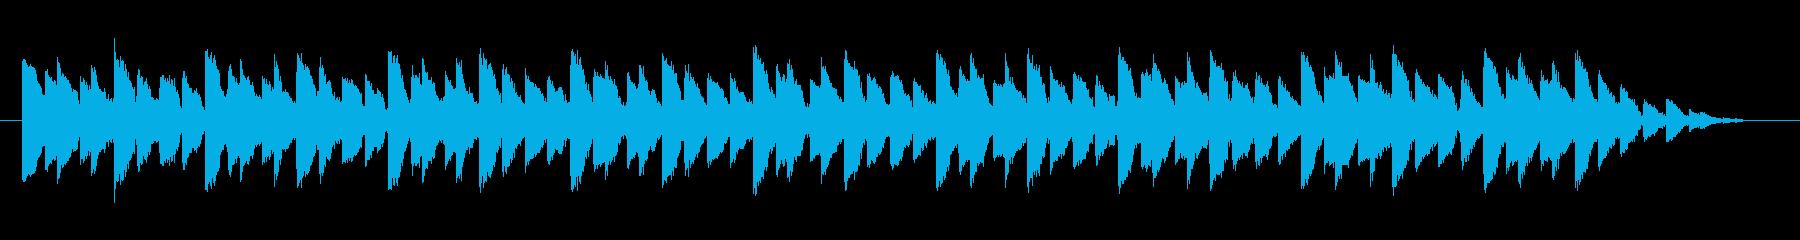 シンプルな音色の着信音の再生済みの波形